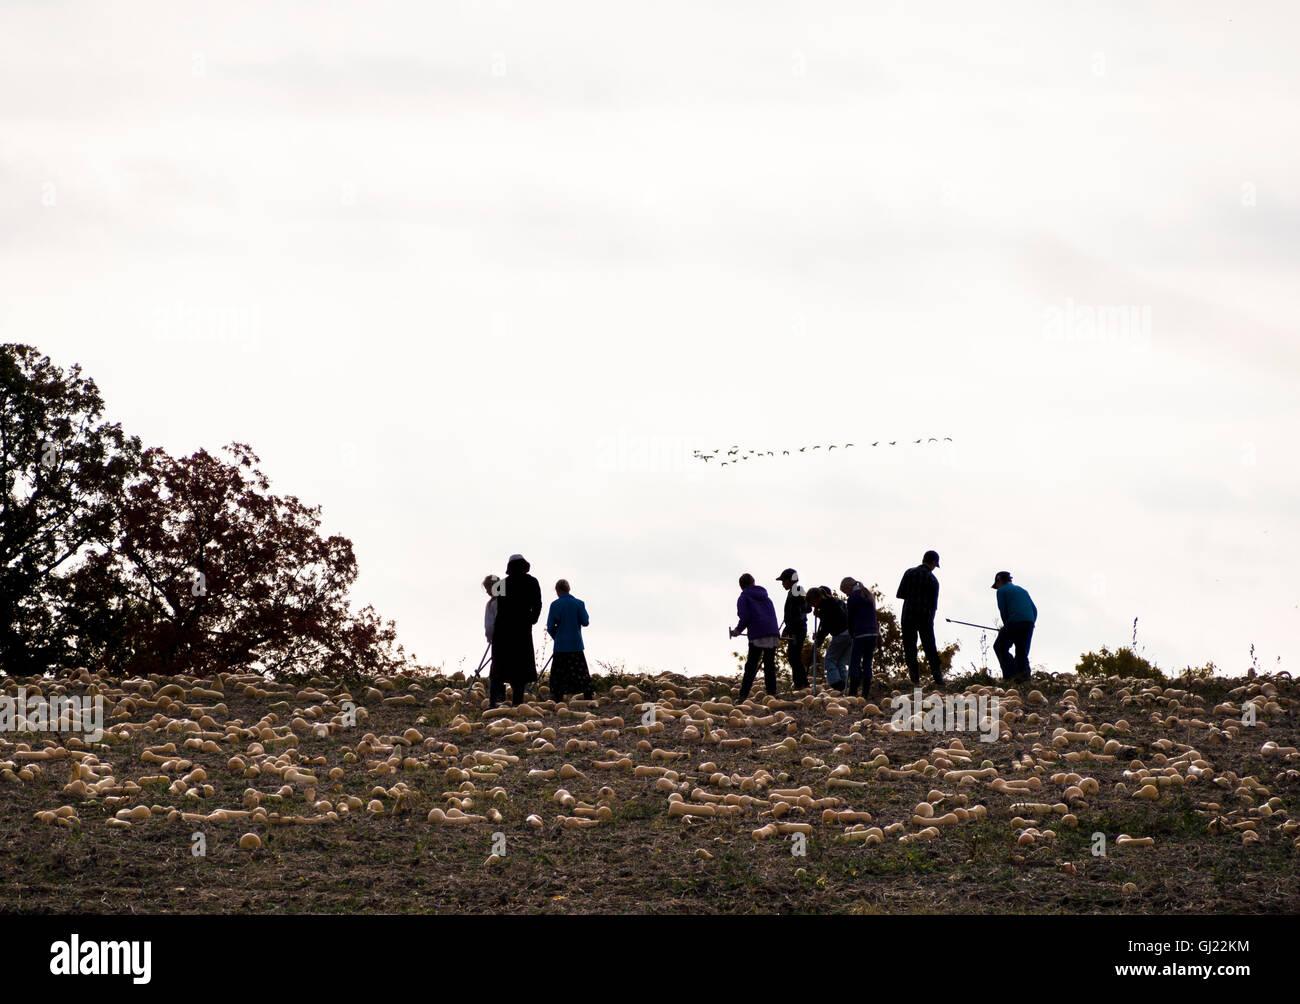 La raccolta di zucca. Un gruppo di lavoratori harvest zucca da un campo. Un branco di oche overhead di mosche. Immagini Stock